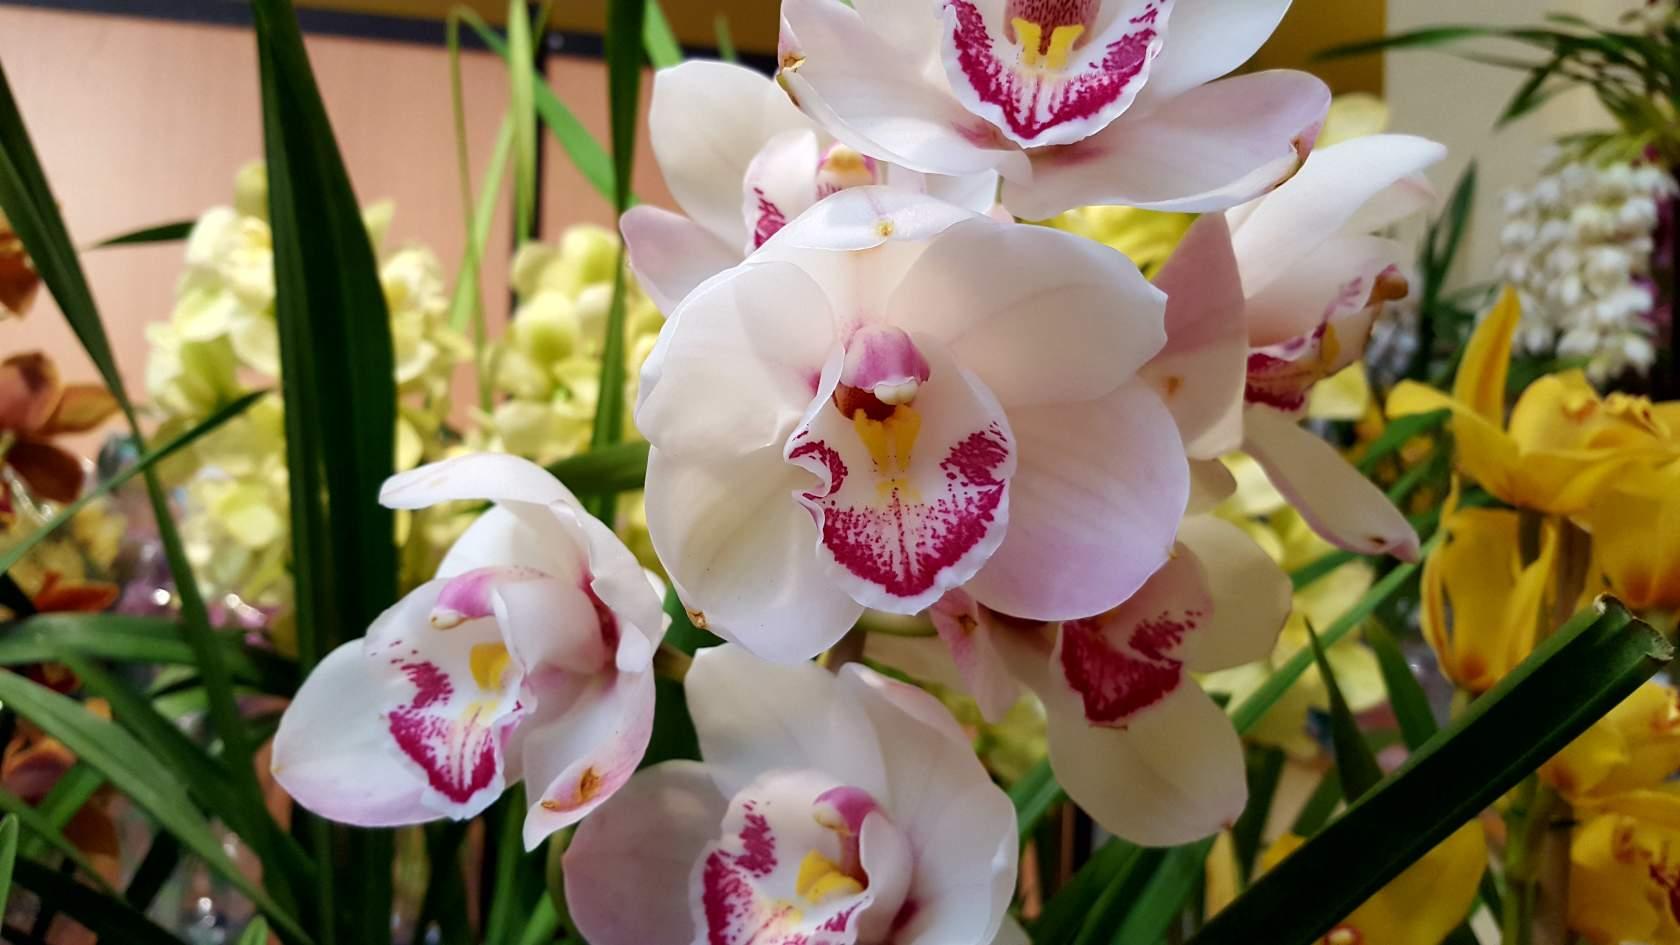 благоприятные дни для пересадки орхидеи в 2021 году по Лунному календарю фото